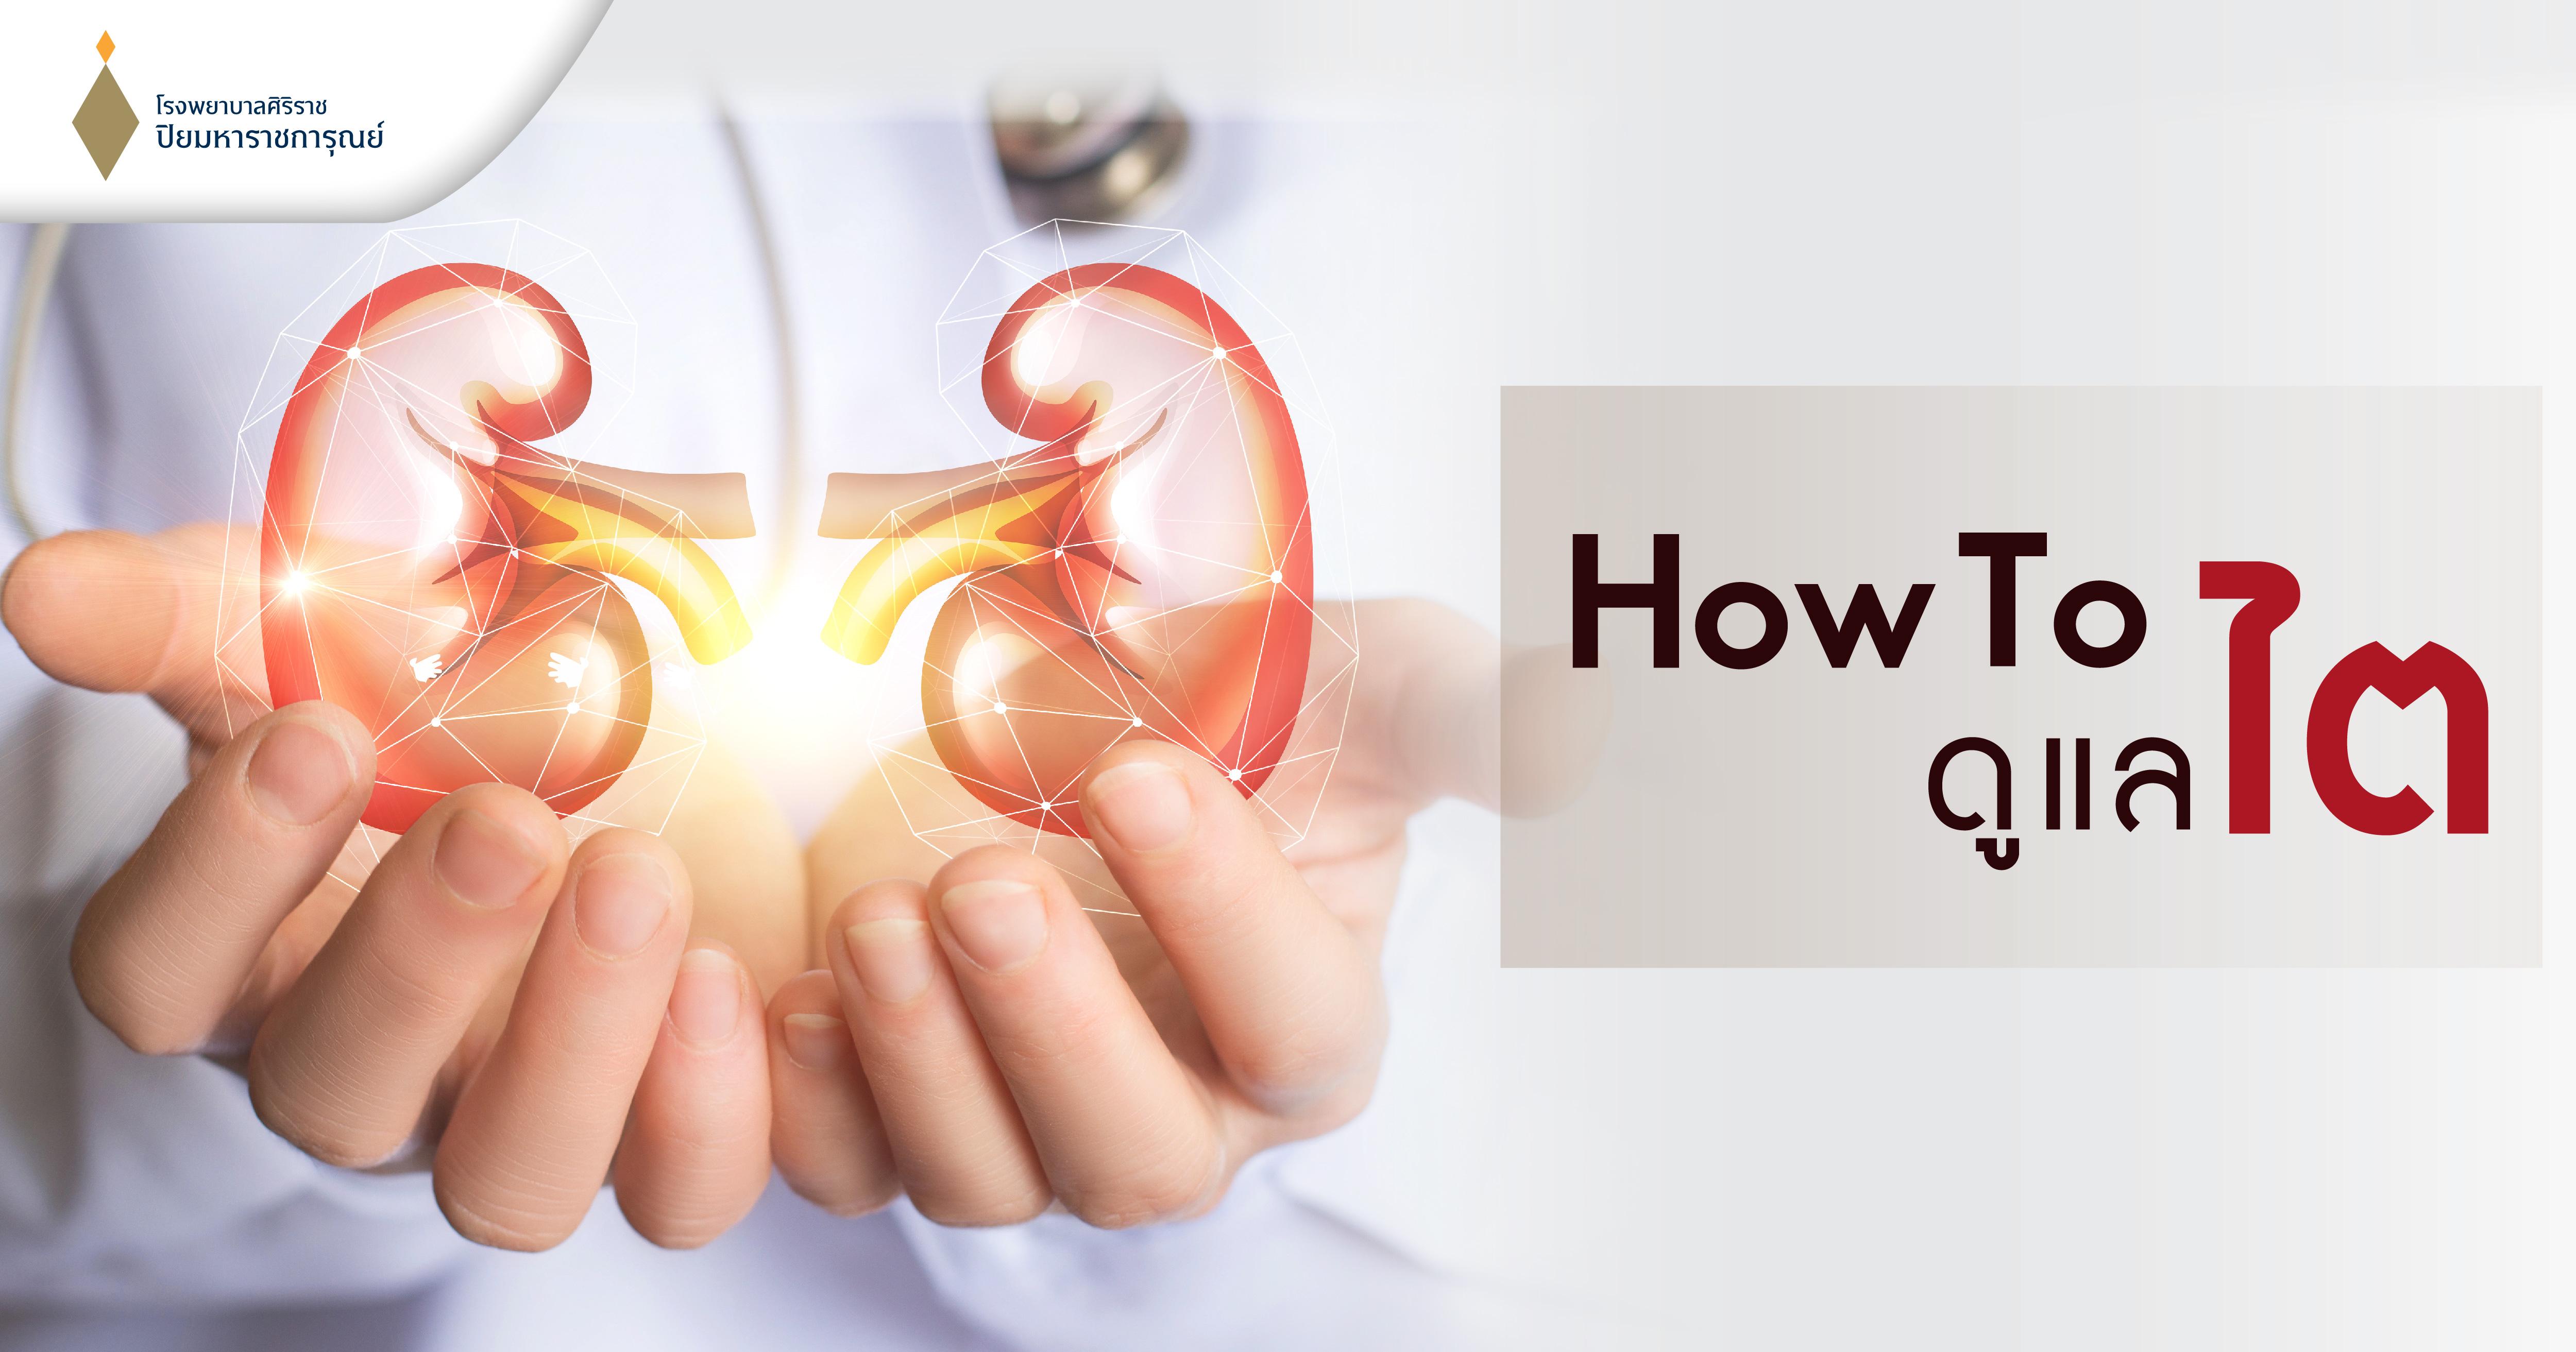 การป้องกันโรคไต ทำอย่างไรให้ไตสตรอง? (Prevent Kidney Disease)